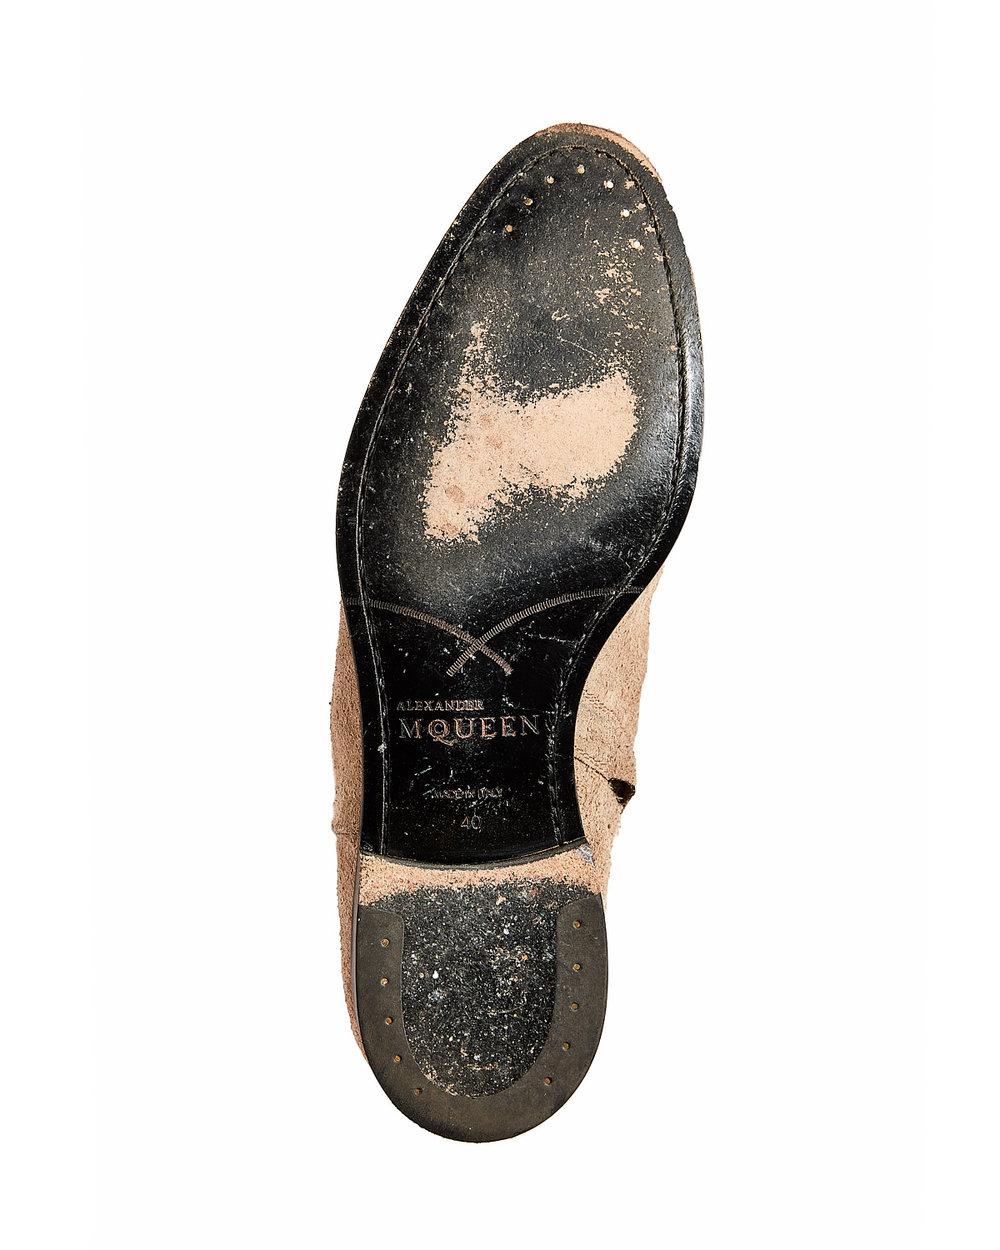 SOLES_MCQUEEN_BOOT_18512.jpg